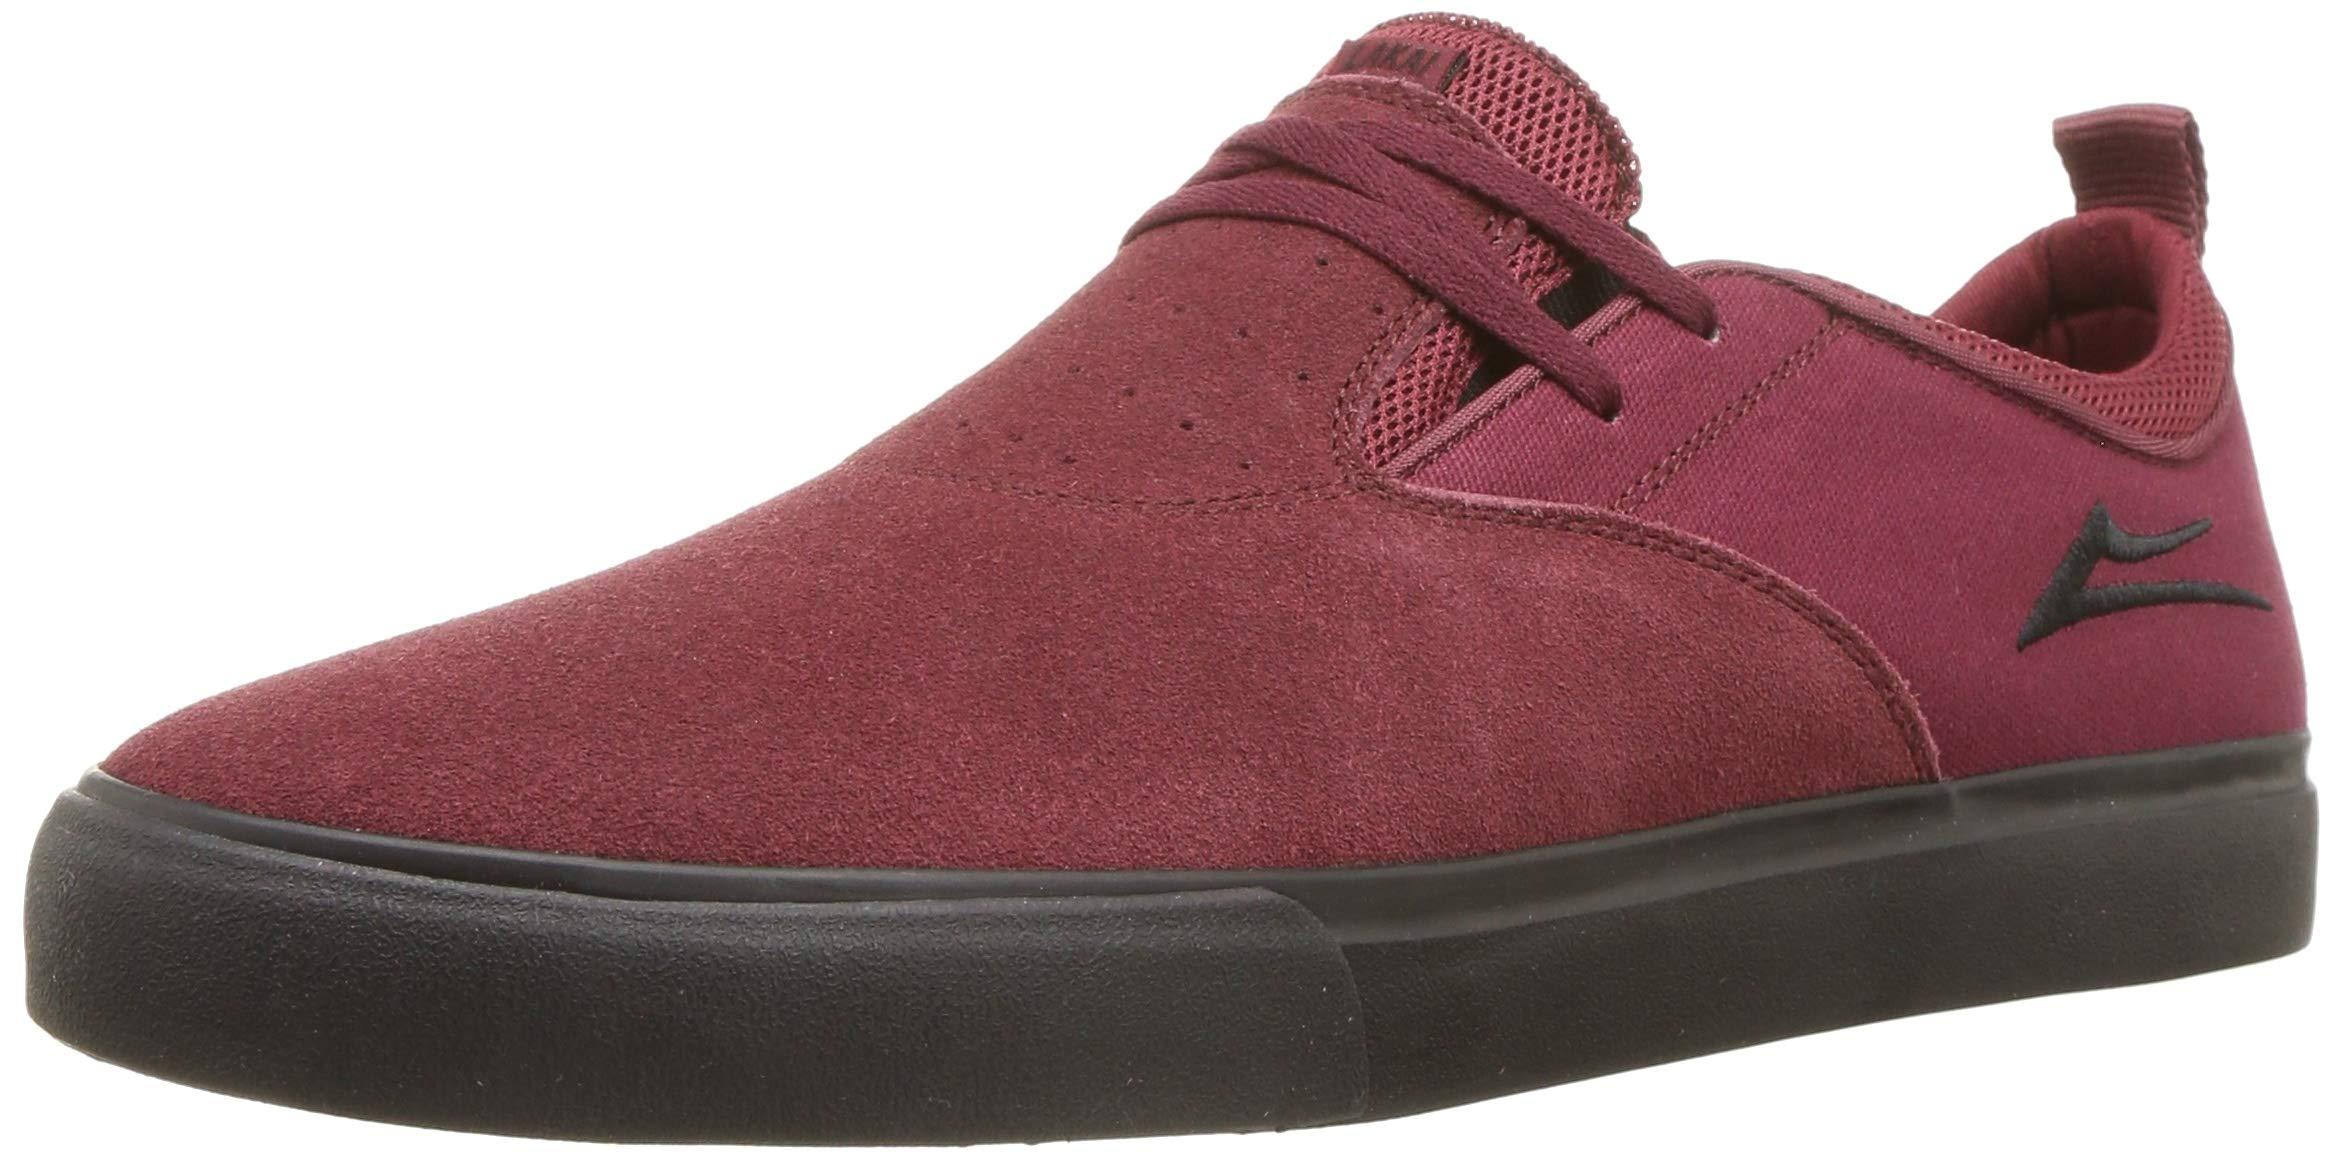 Lakai Limited Footwear Mens Riley 2 Skate Shoe, Burgundy/Black Suede, 12 M US by Lakai Limited Footwear Mens